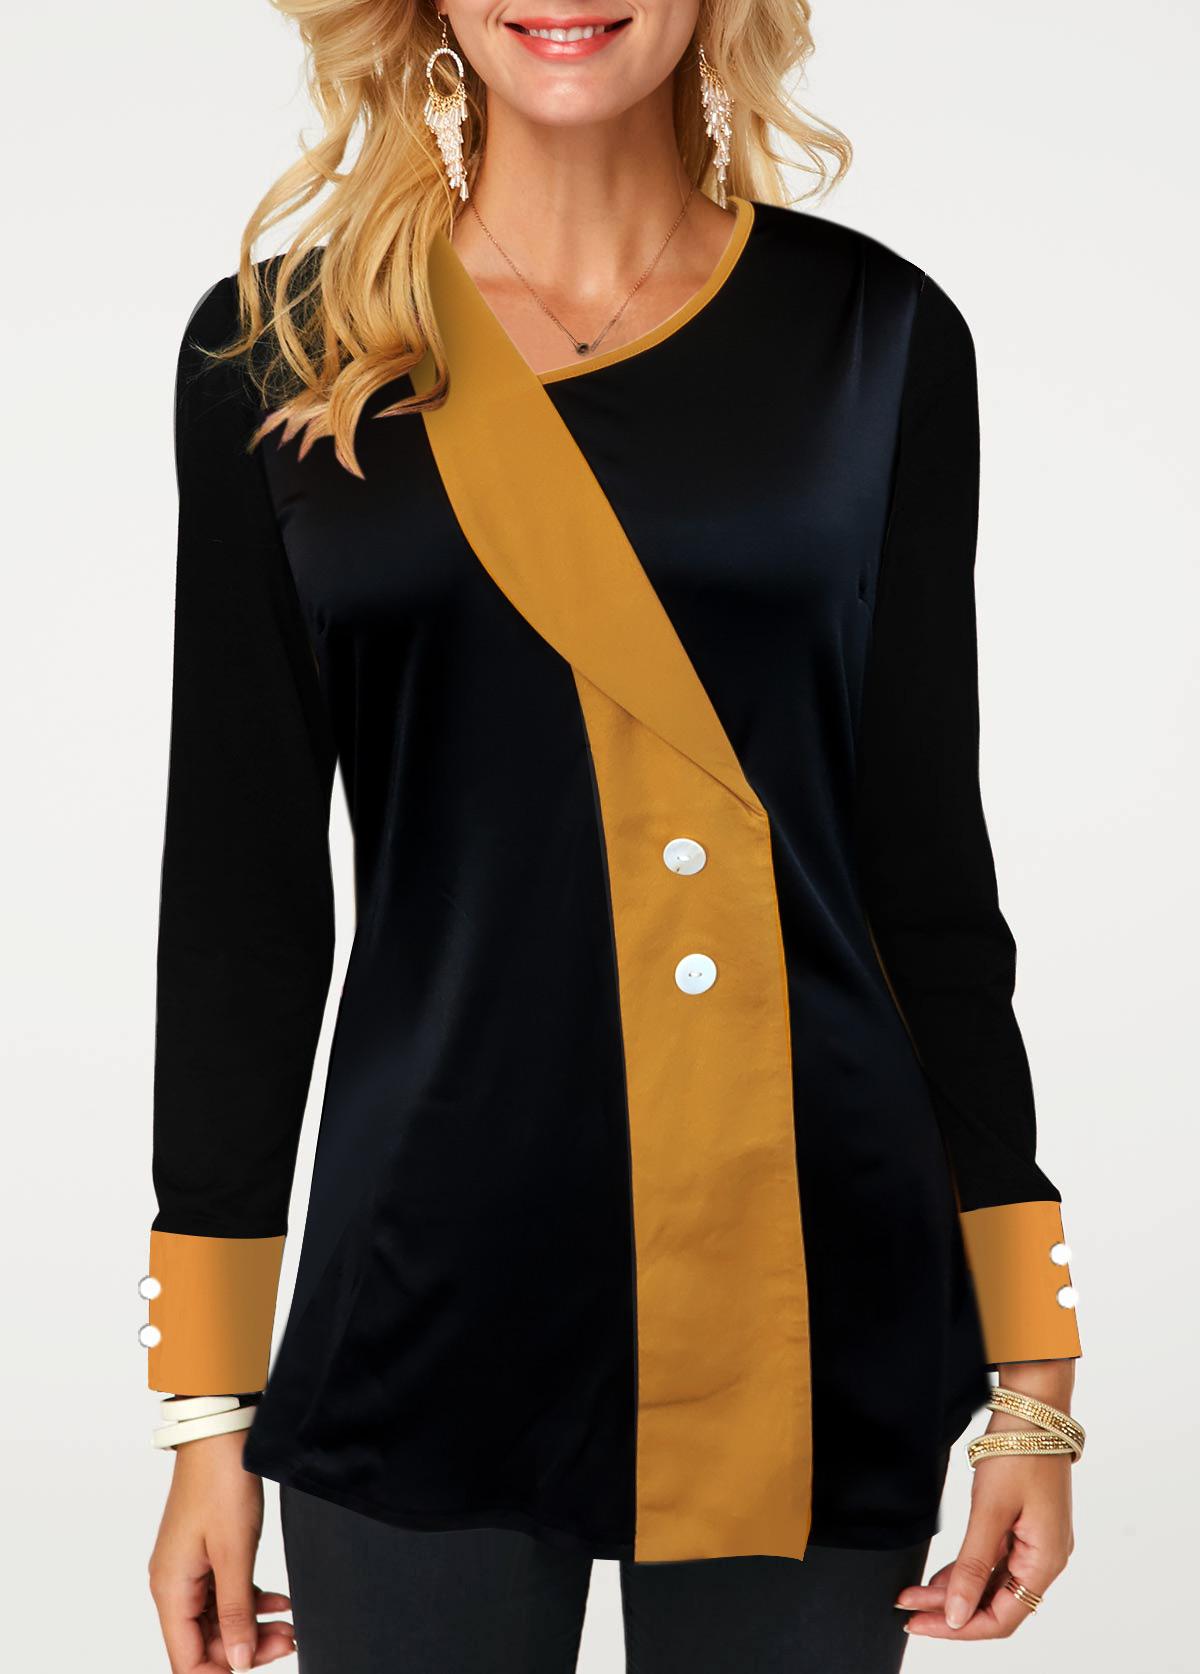 Contrast Panel Asymmetric Neckline Button Detail T Shirt